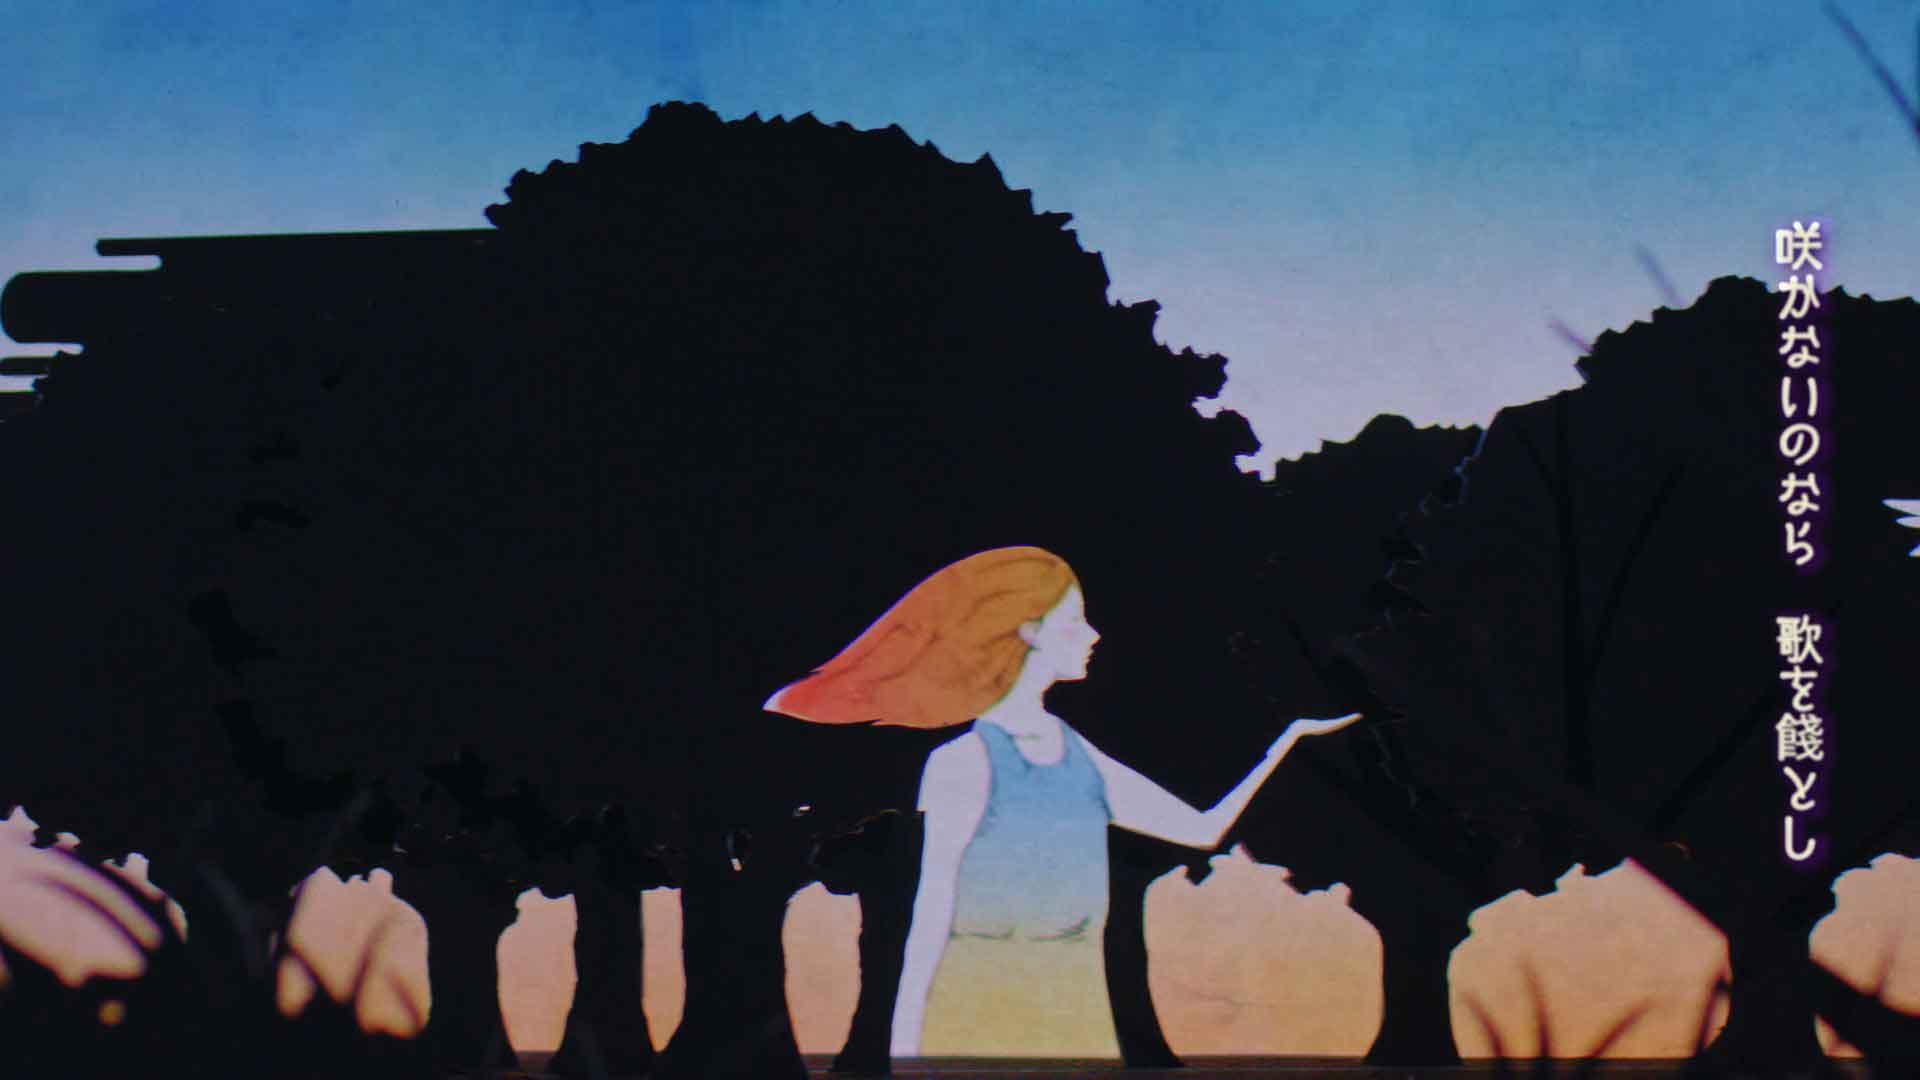 Aimer「歌鳥風月」